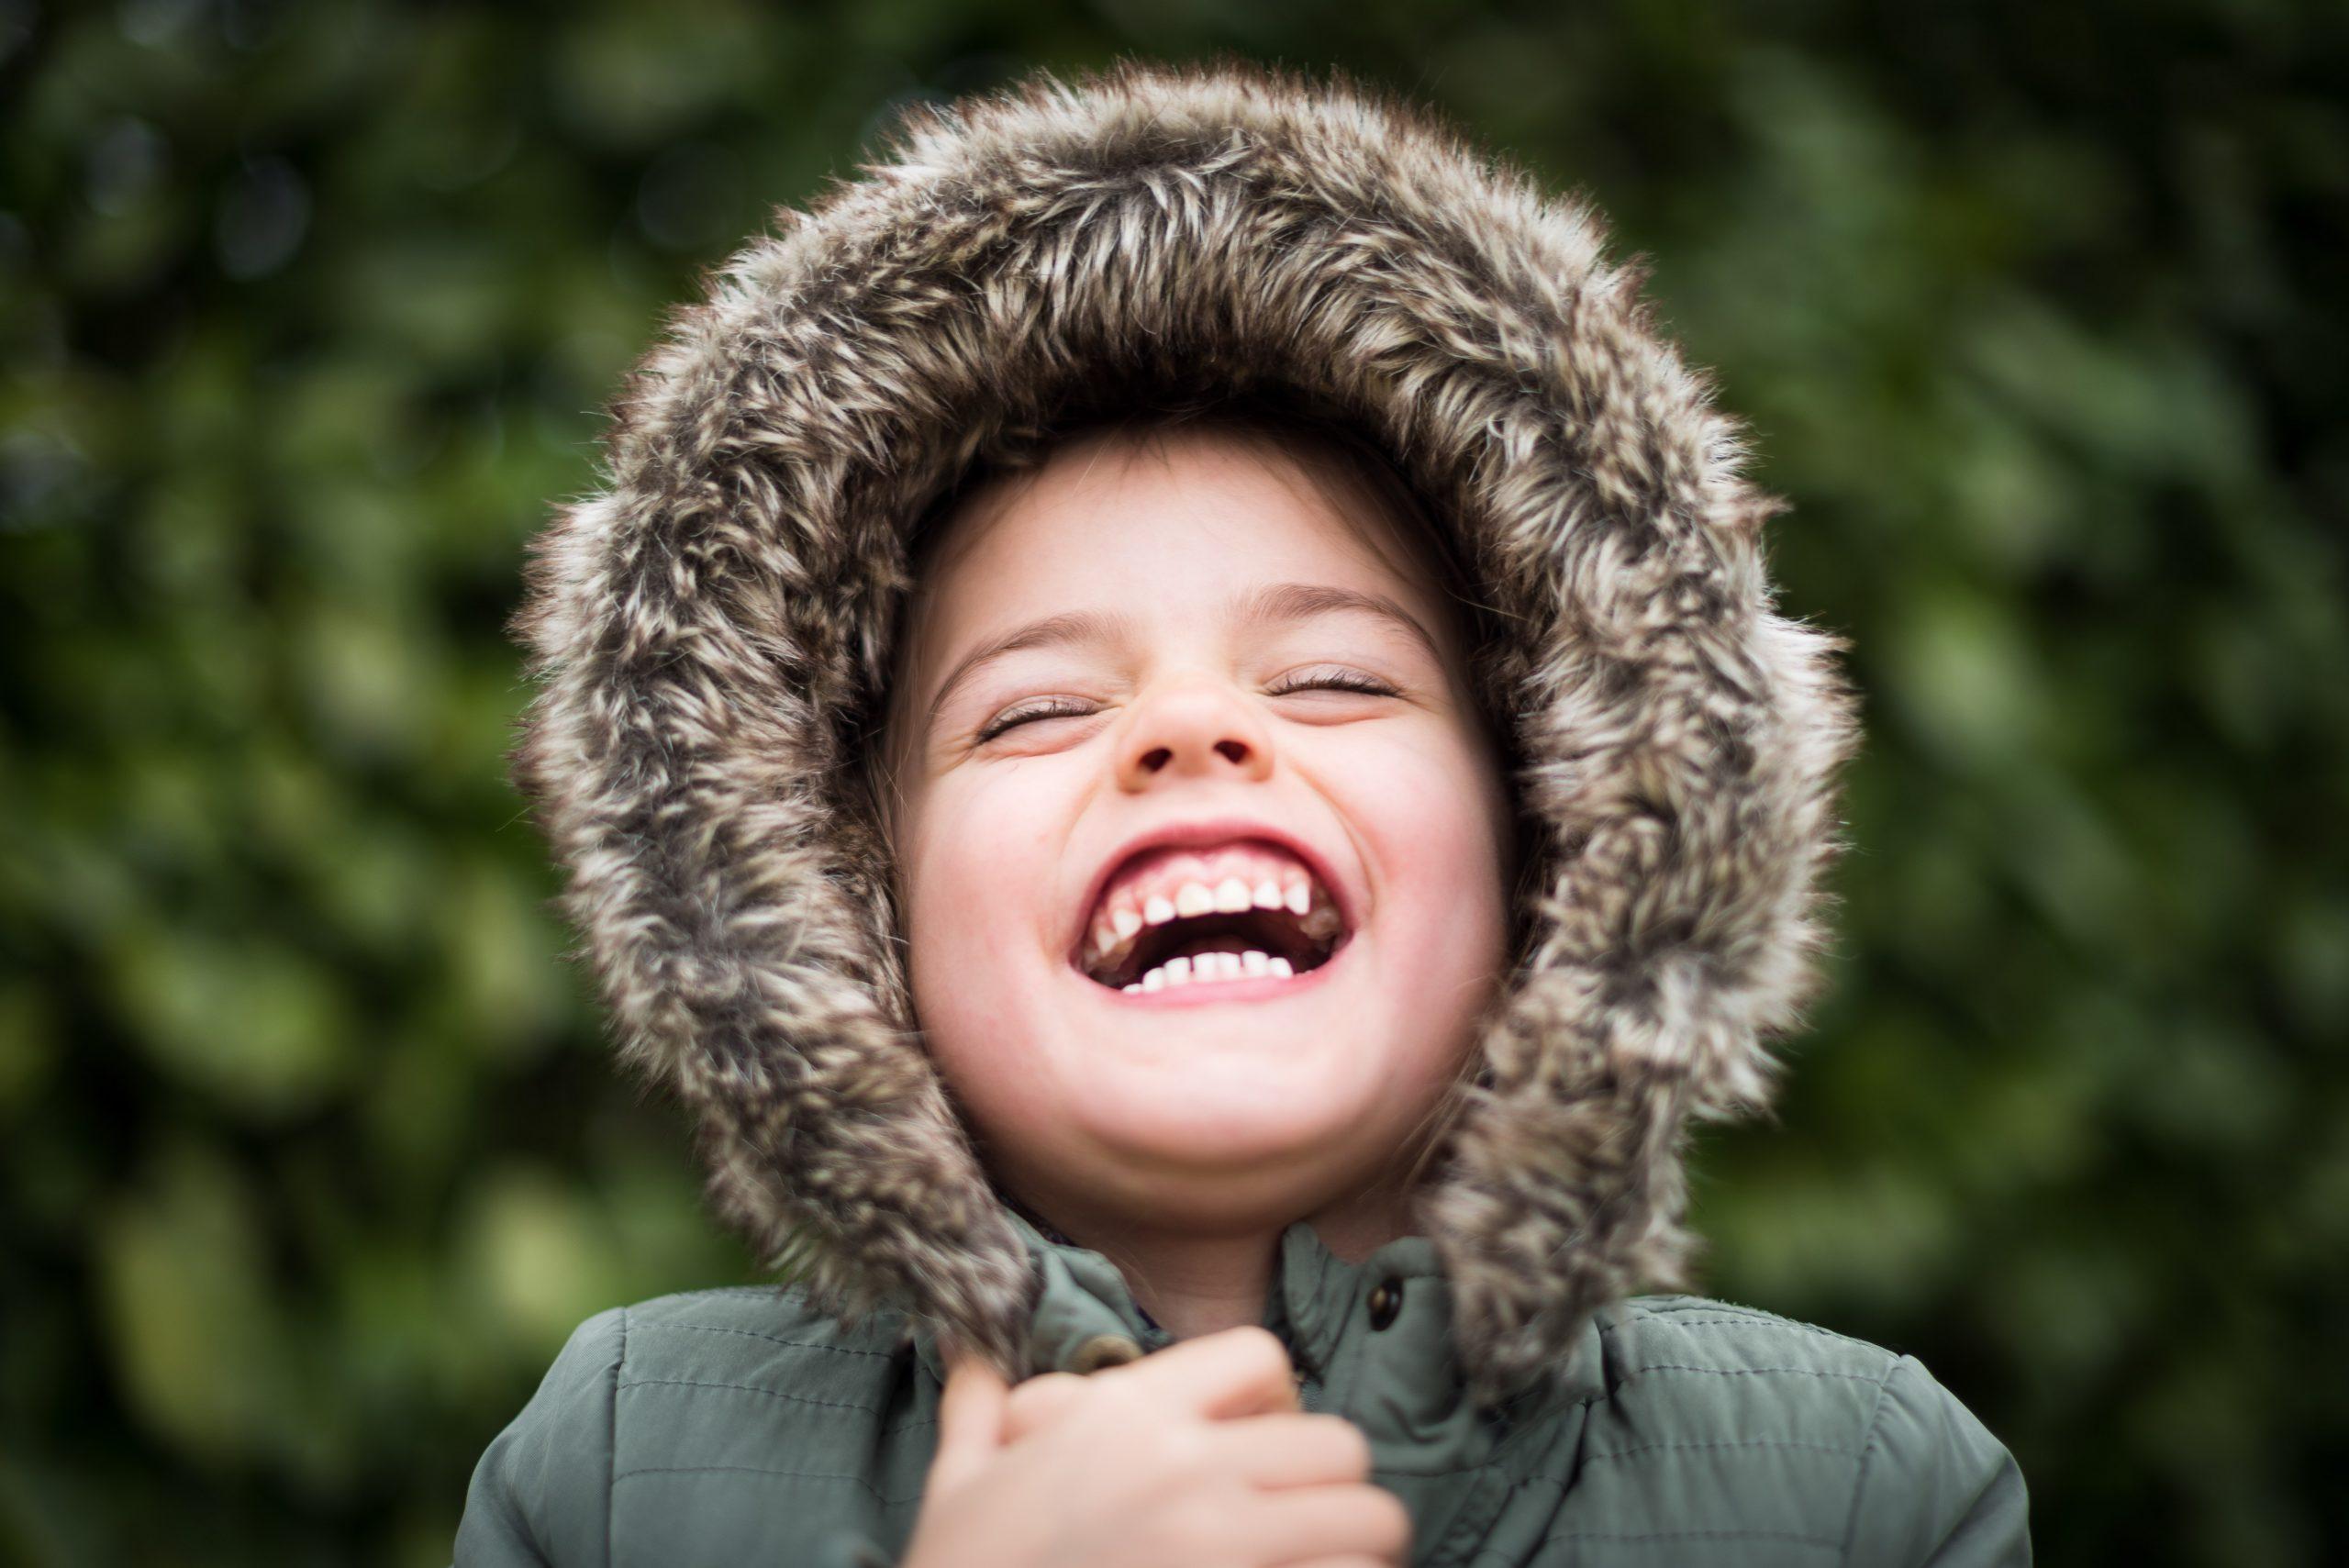 entretenir les dents d'un enfant